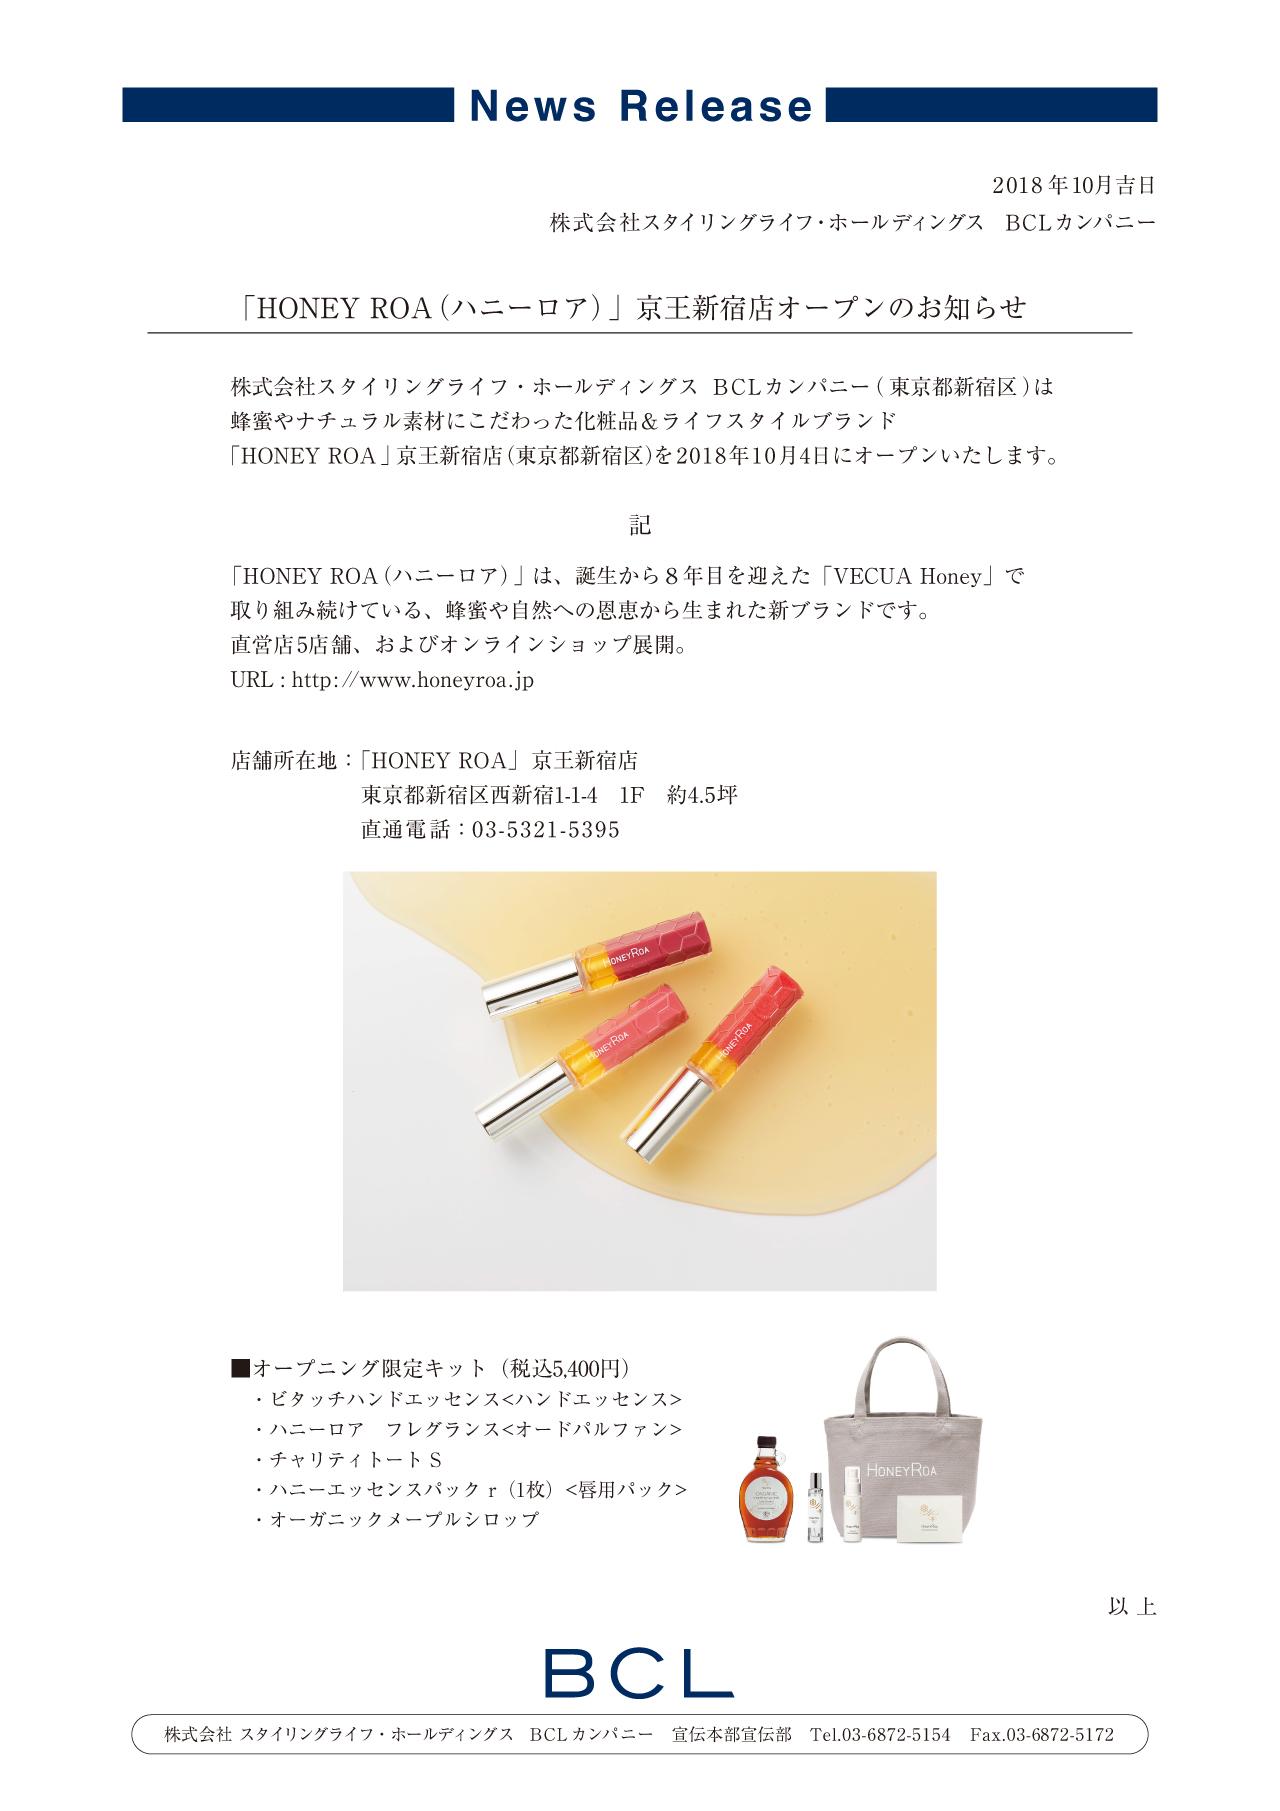 ハニーロア京王新宿店オープンのお知らせ